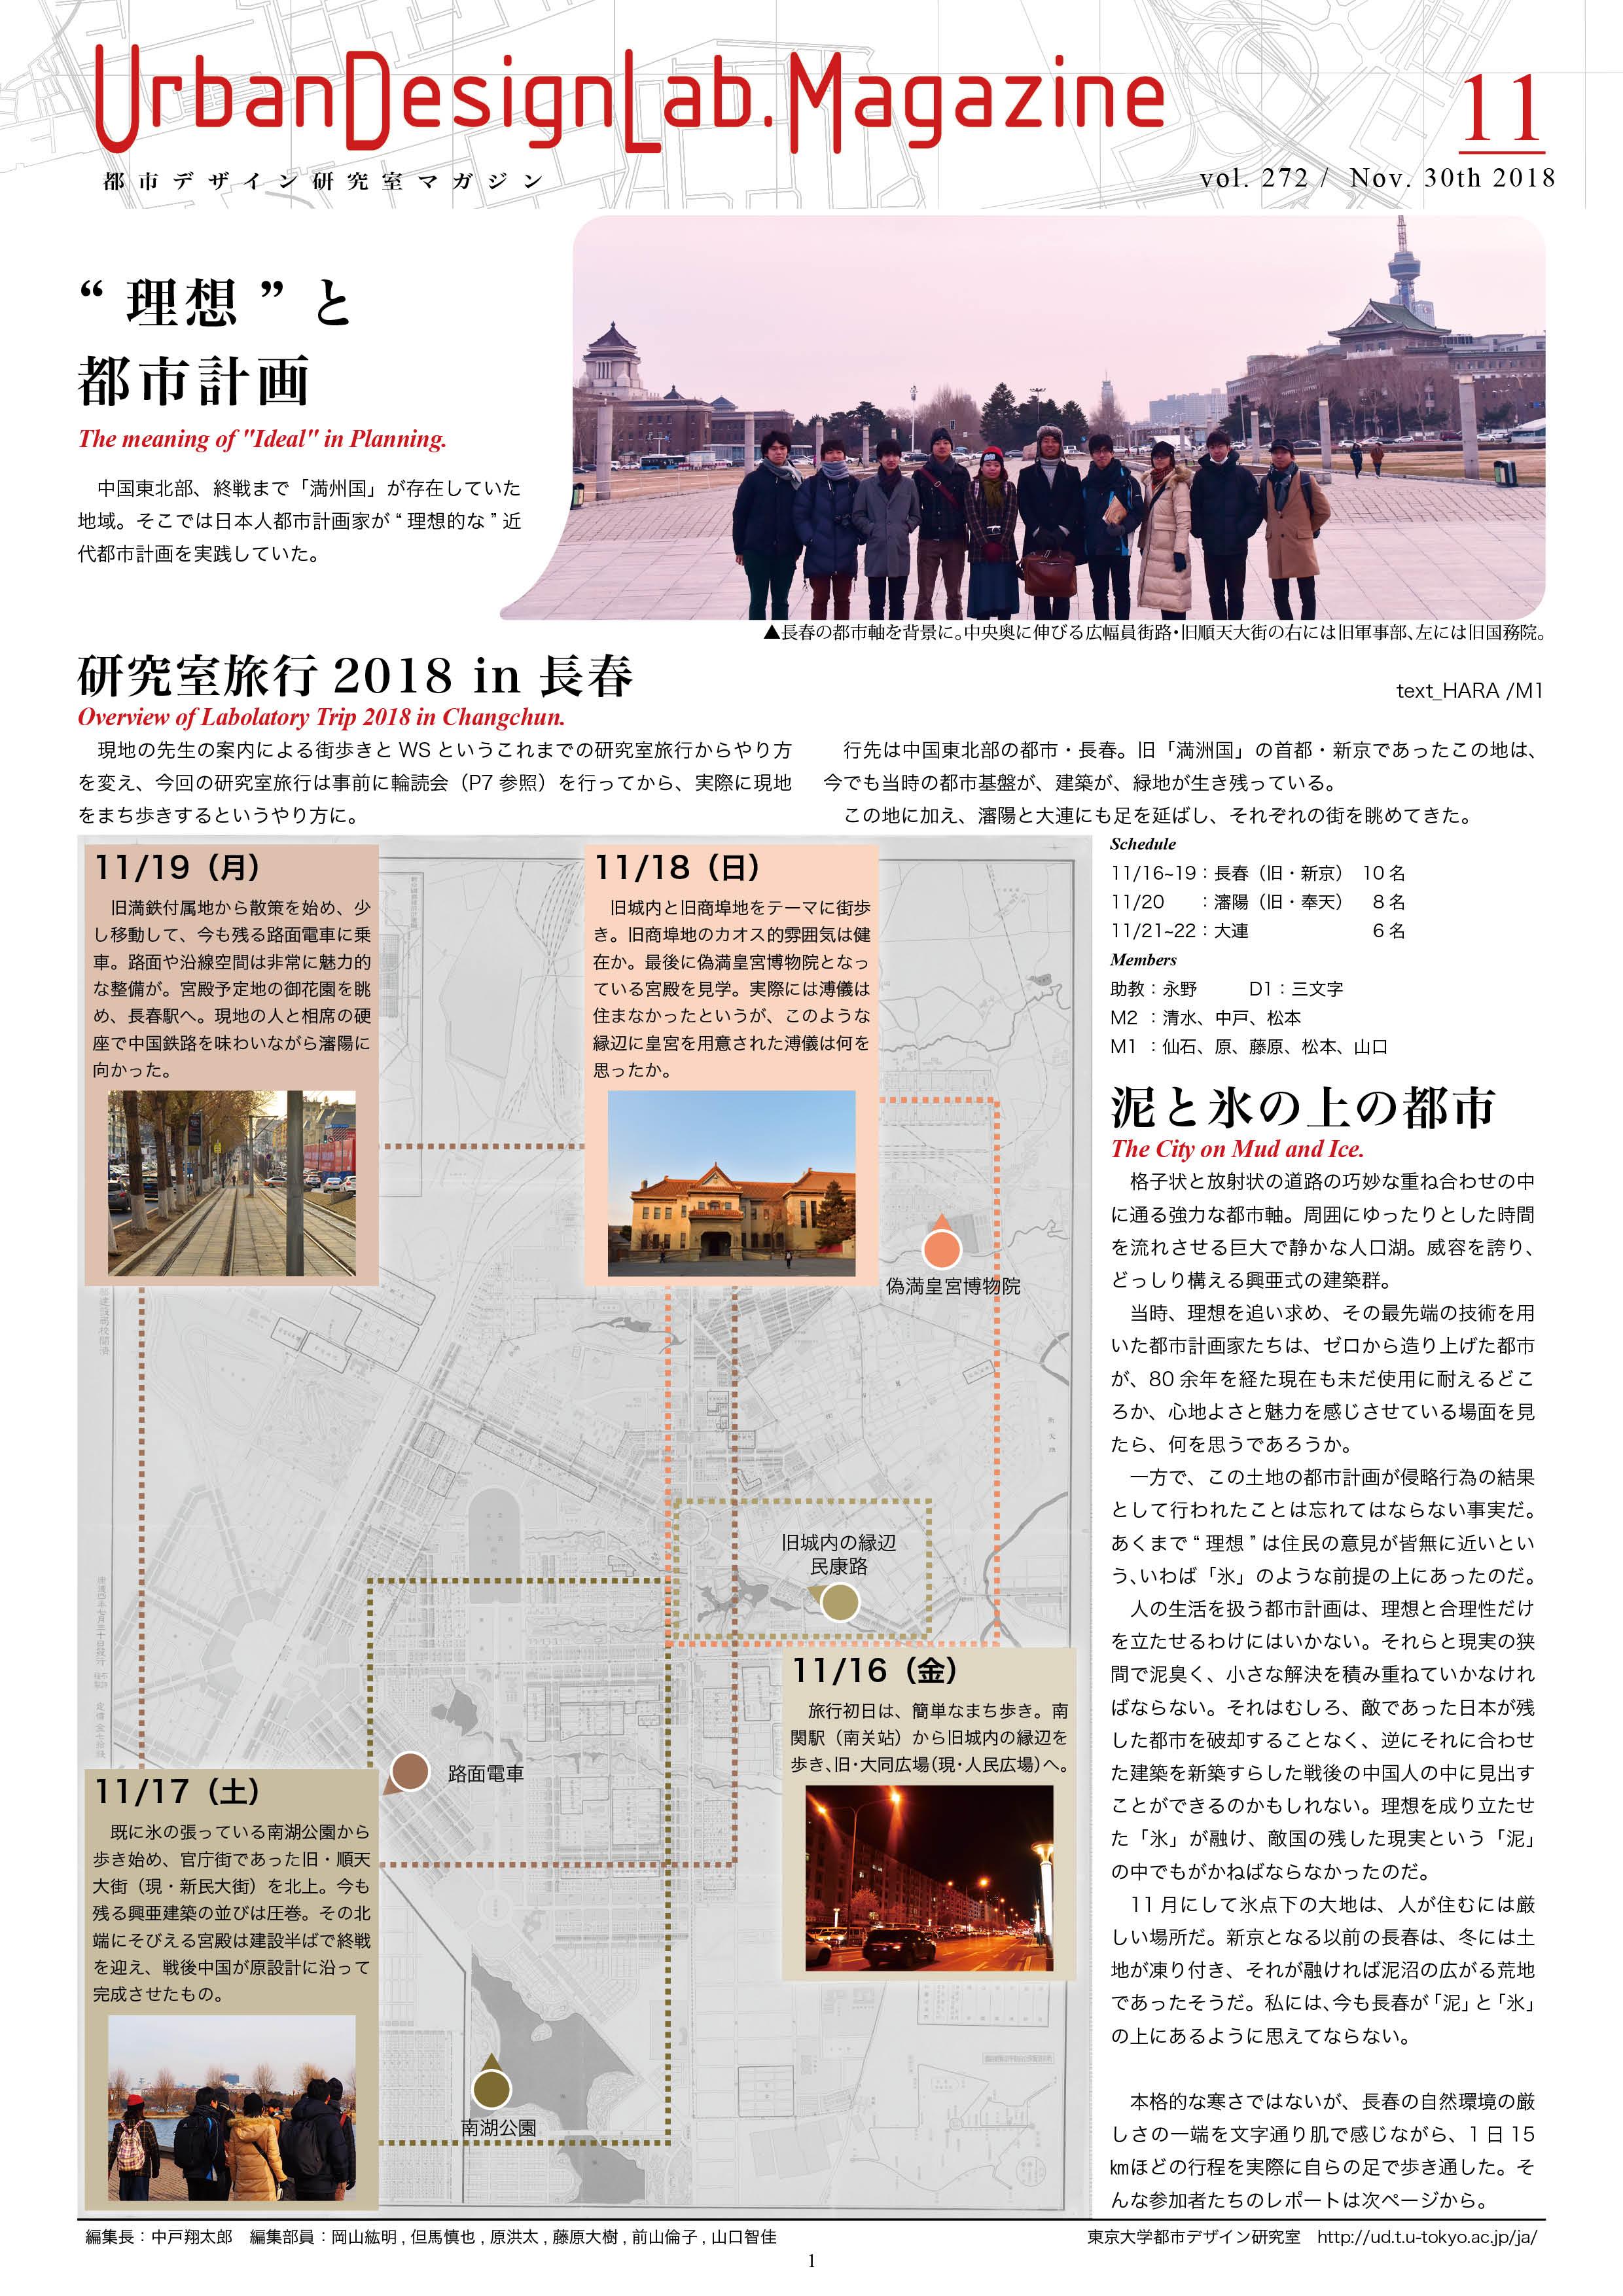 http://ud.t.u-tokyo.ac.jp/blog/_images/272_page_1.jpg